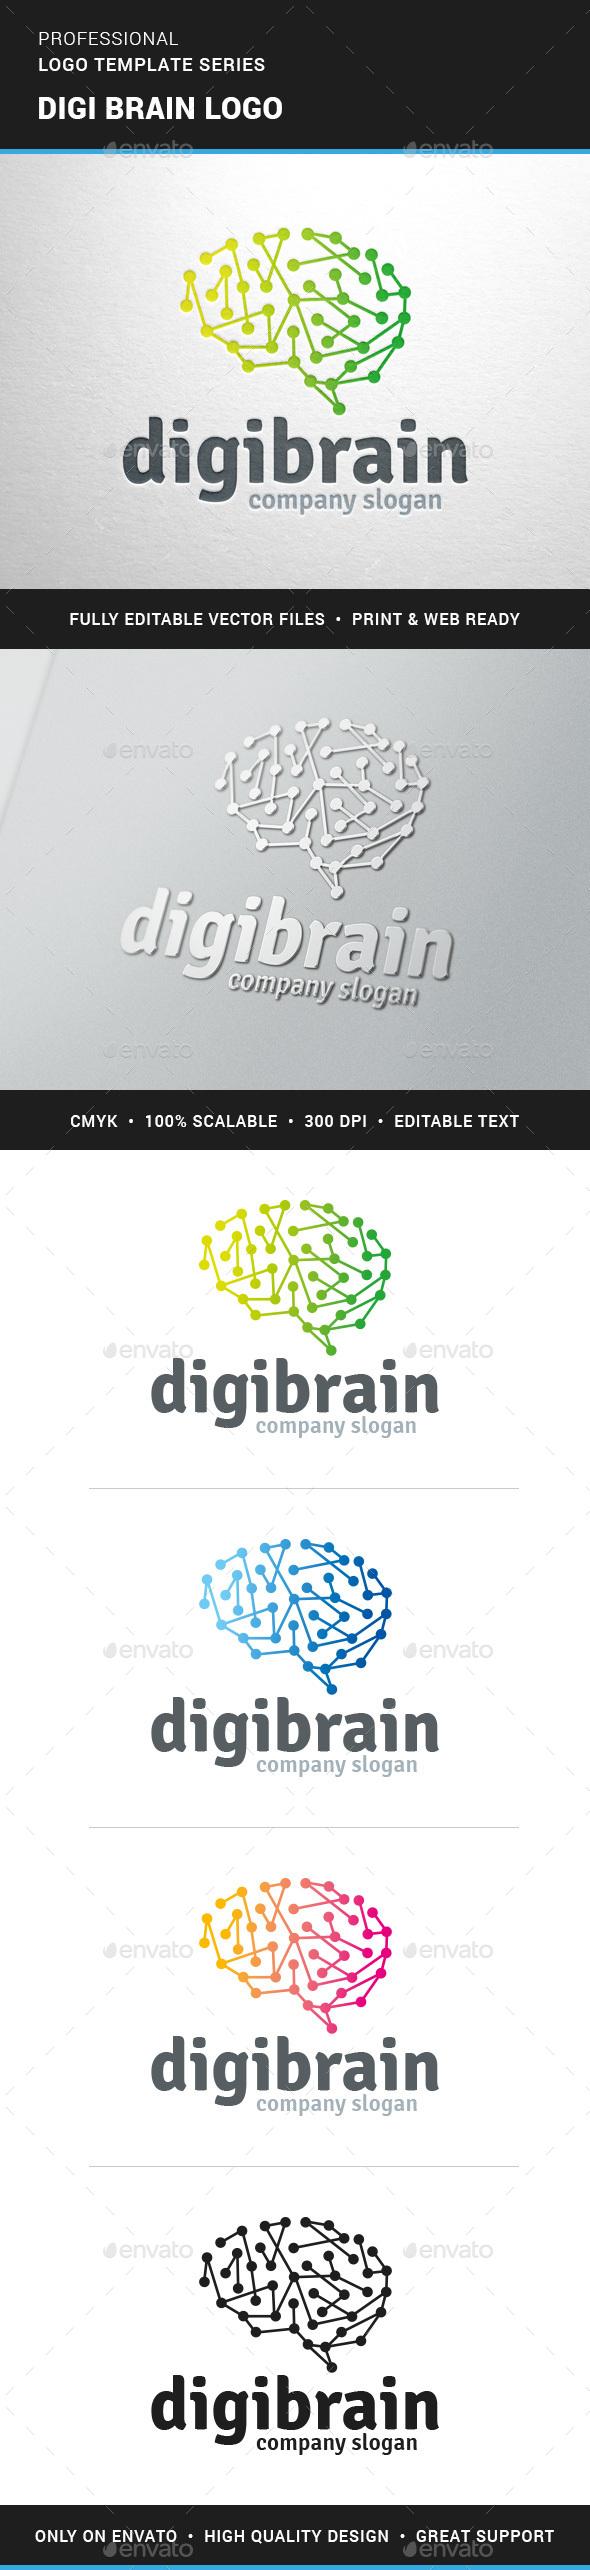 Digi Brain Logo Template - Abstract Logo Templates